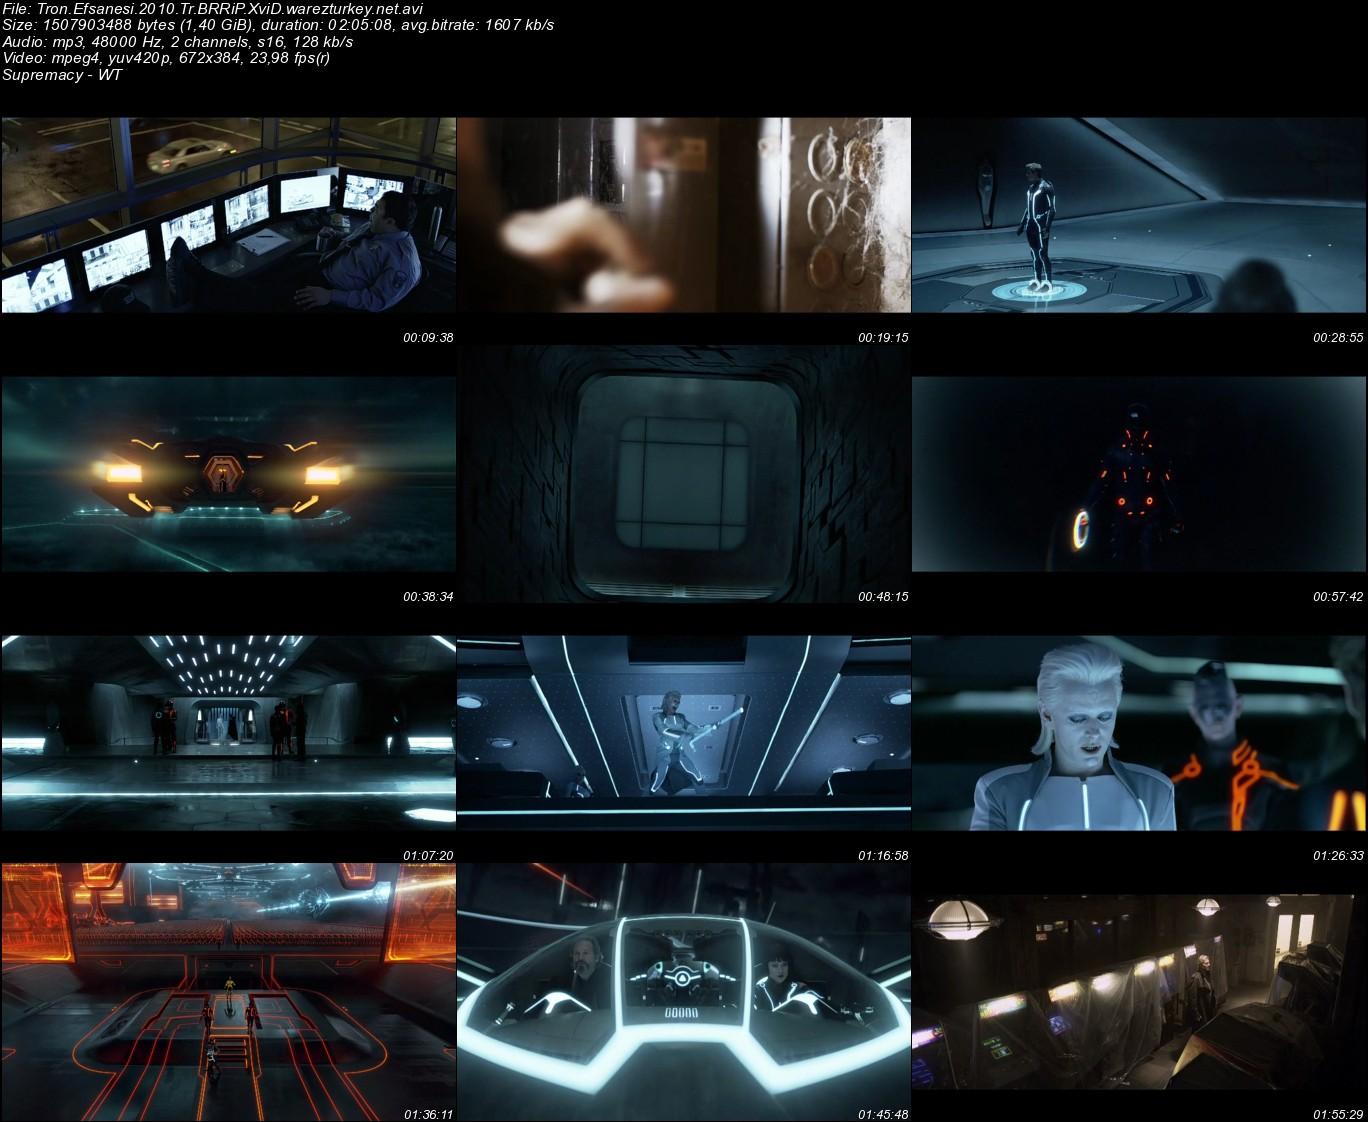 Tron Efsanesi (TRON: Legacy) - 2010 Türkçe Dublaj BRRip Tek Link indir